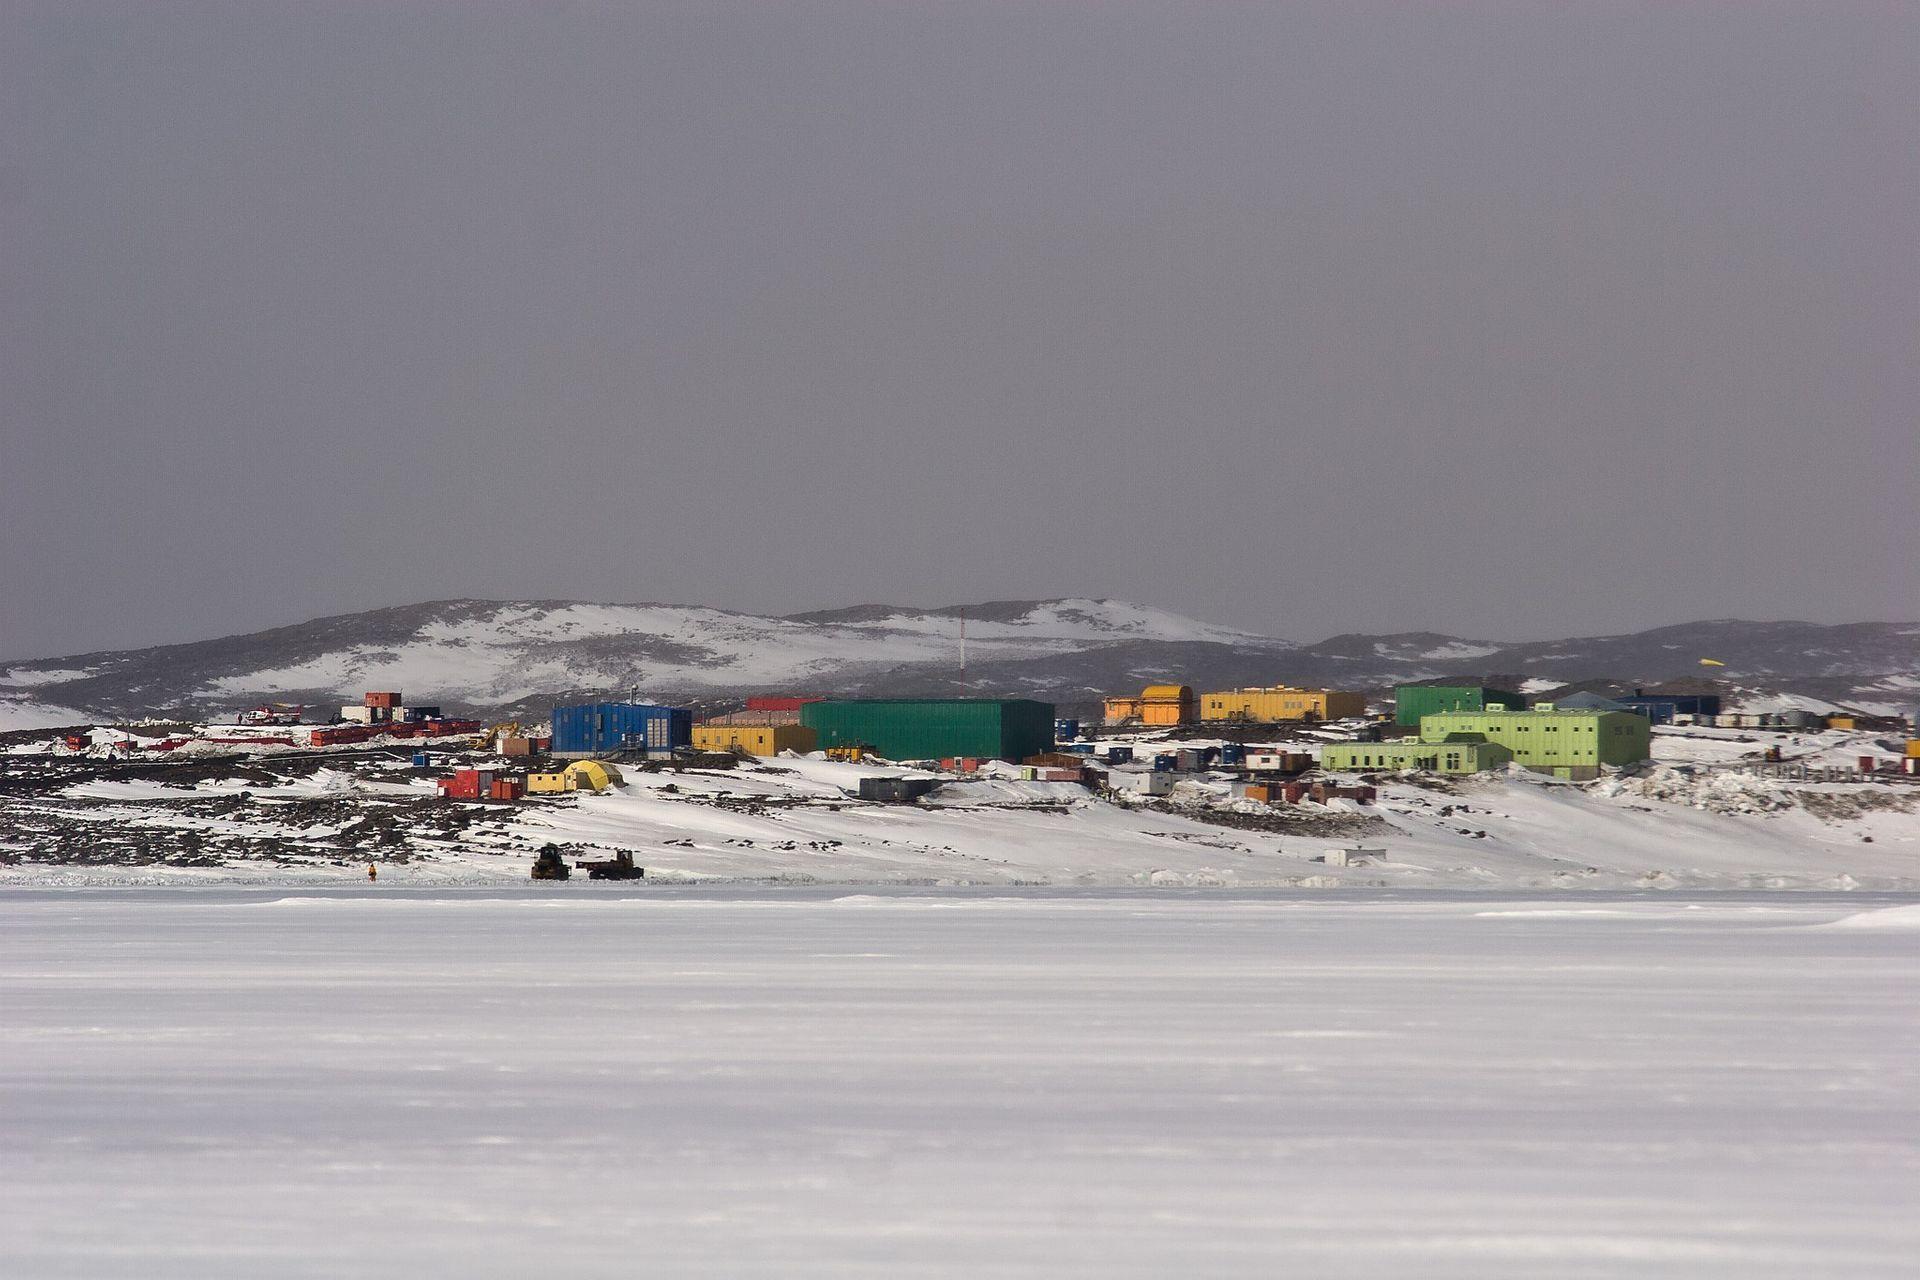 Австралия построит в Антарктиде аэропорт.Вокруг Света. Украина